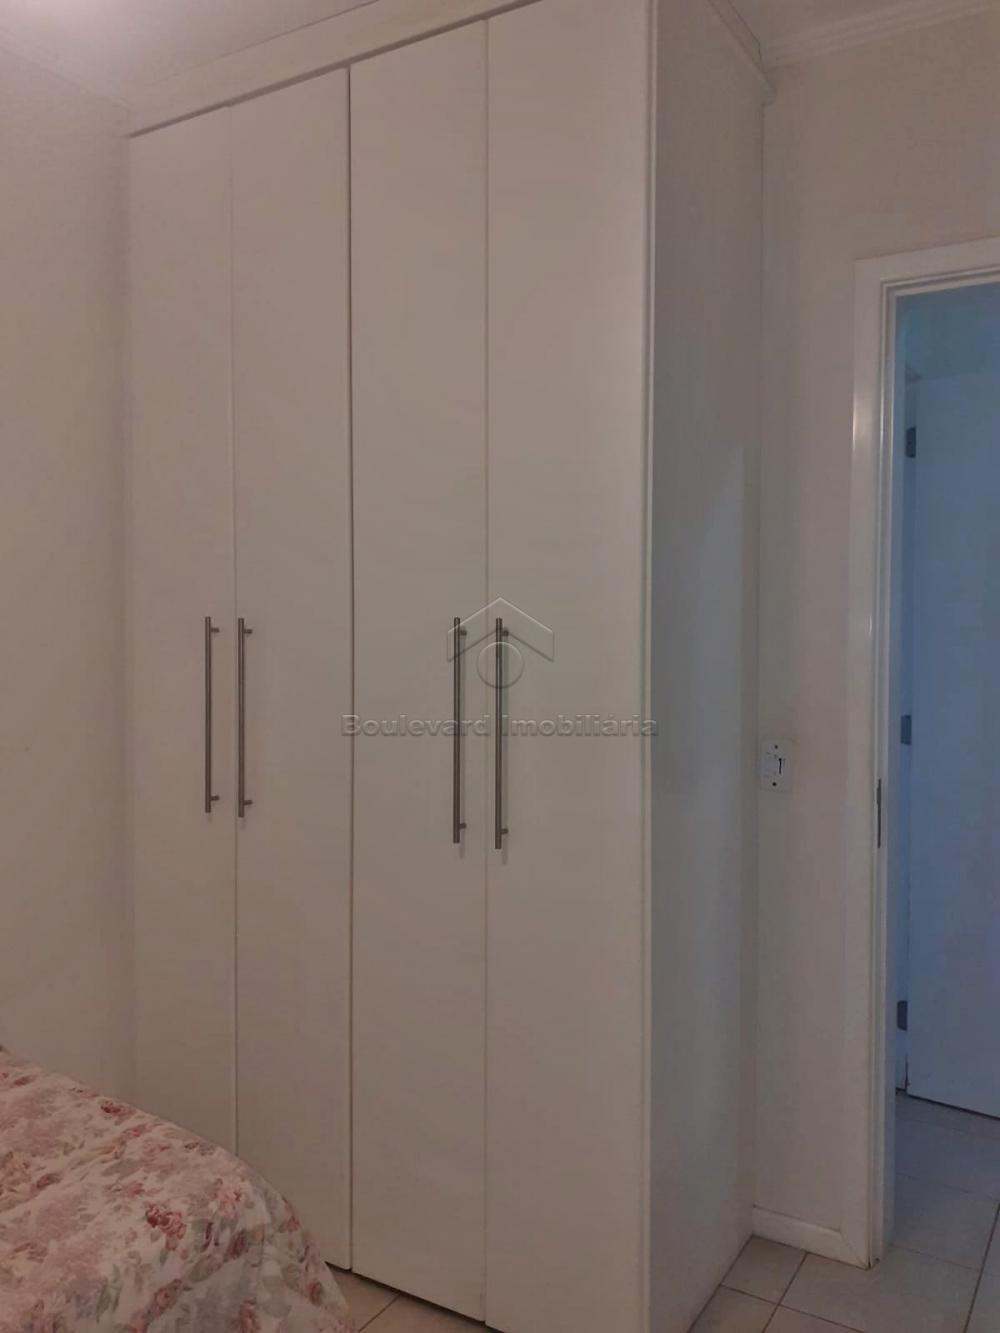 Alugar Apartamento / Padrão em Ribeirão Preto R$ 3.100,00 - Foto 22